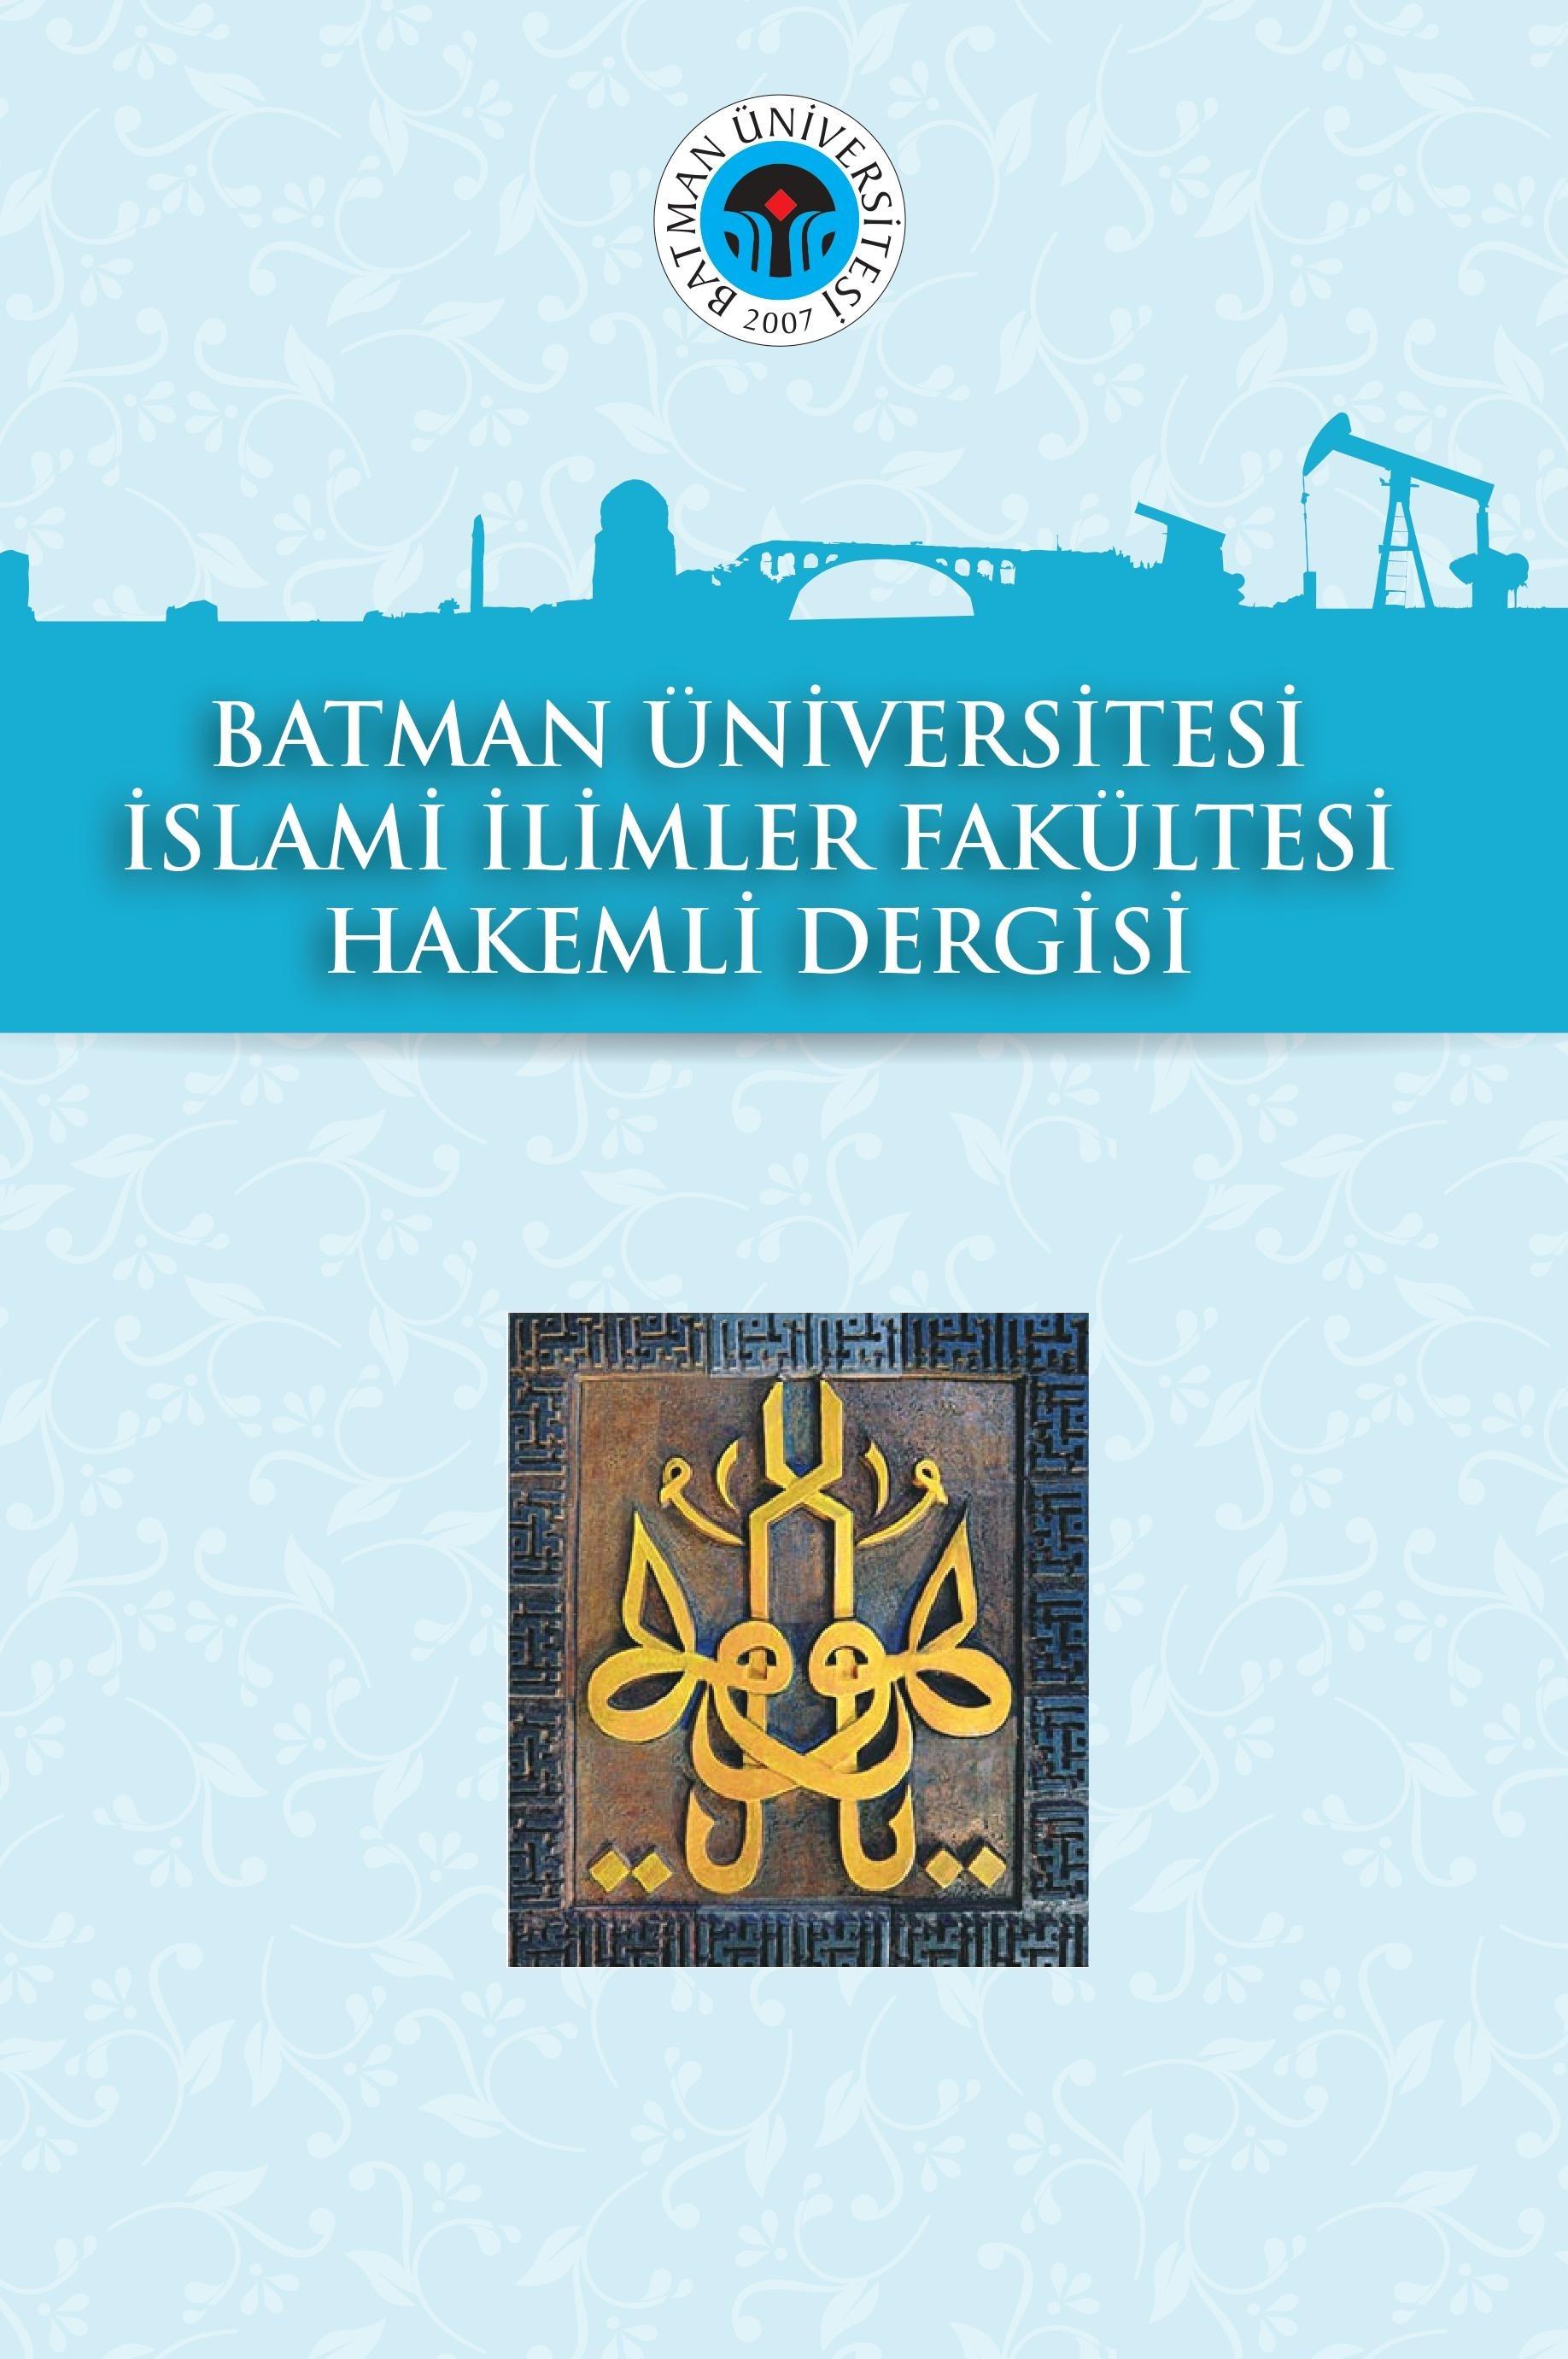 Batman Üniversitesi İslami İlimler Hakemli Dergisi